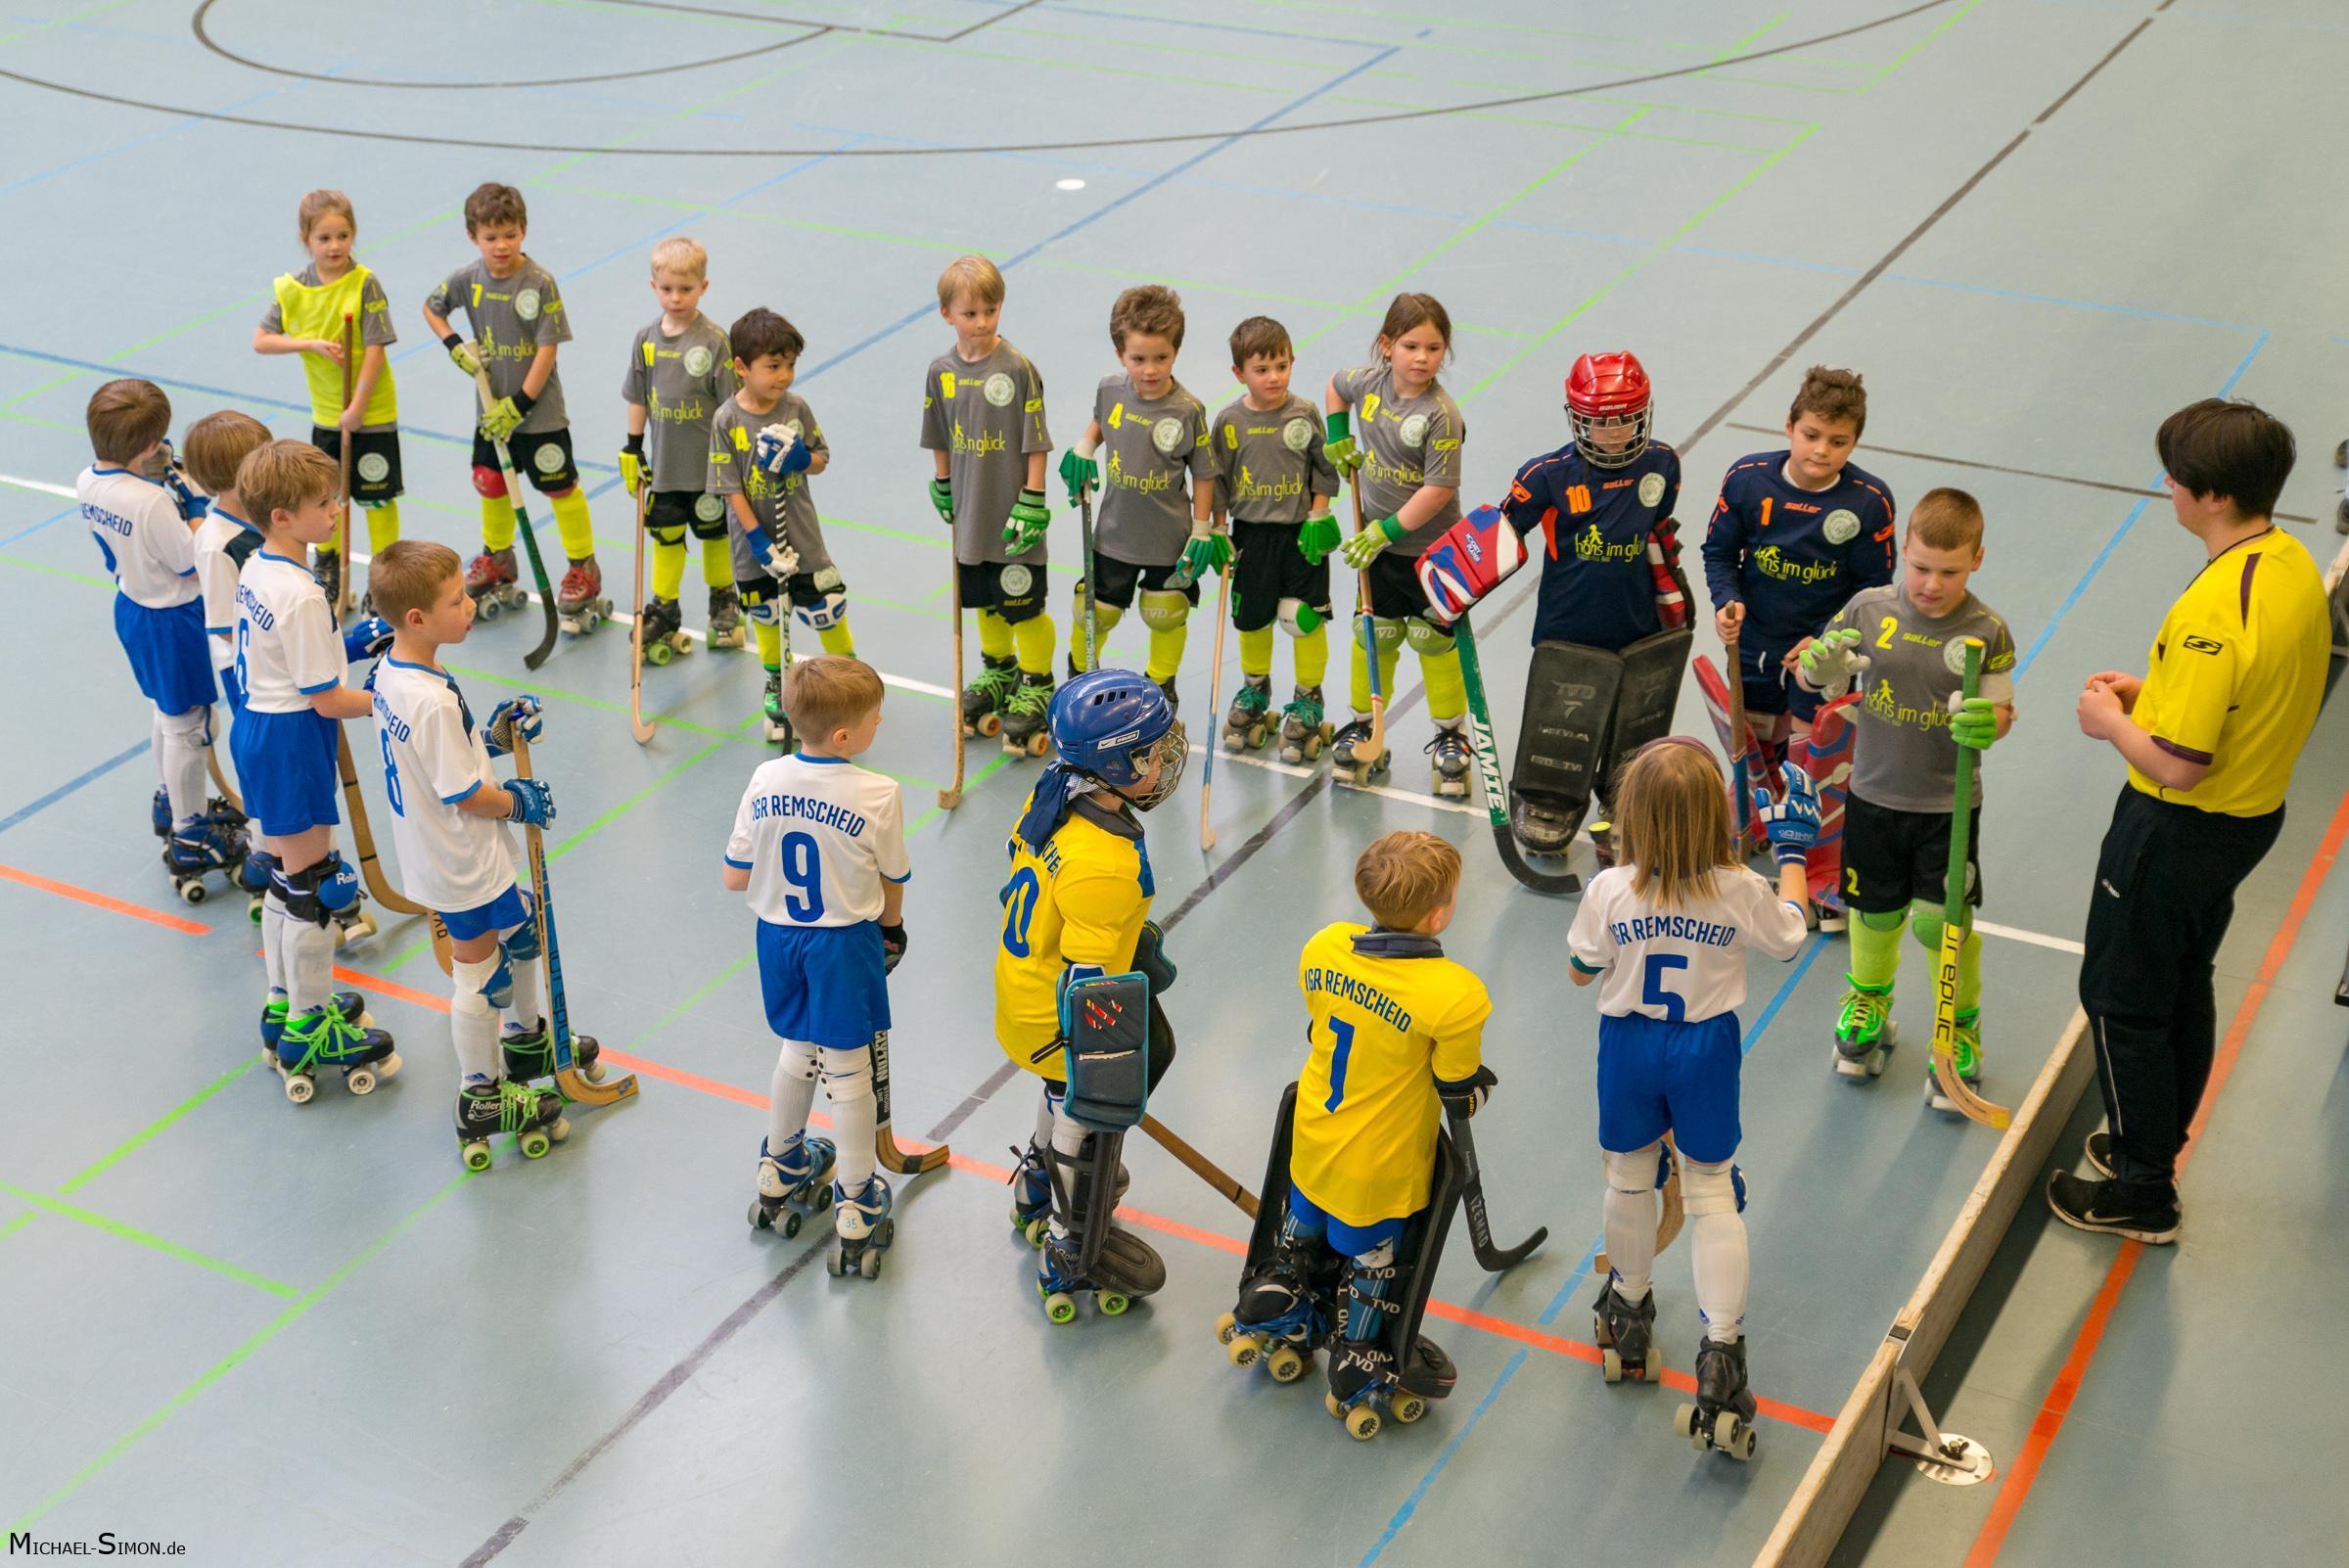 RSC Cronenberg Rollhockey Spieltag U9 28.01.2018